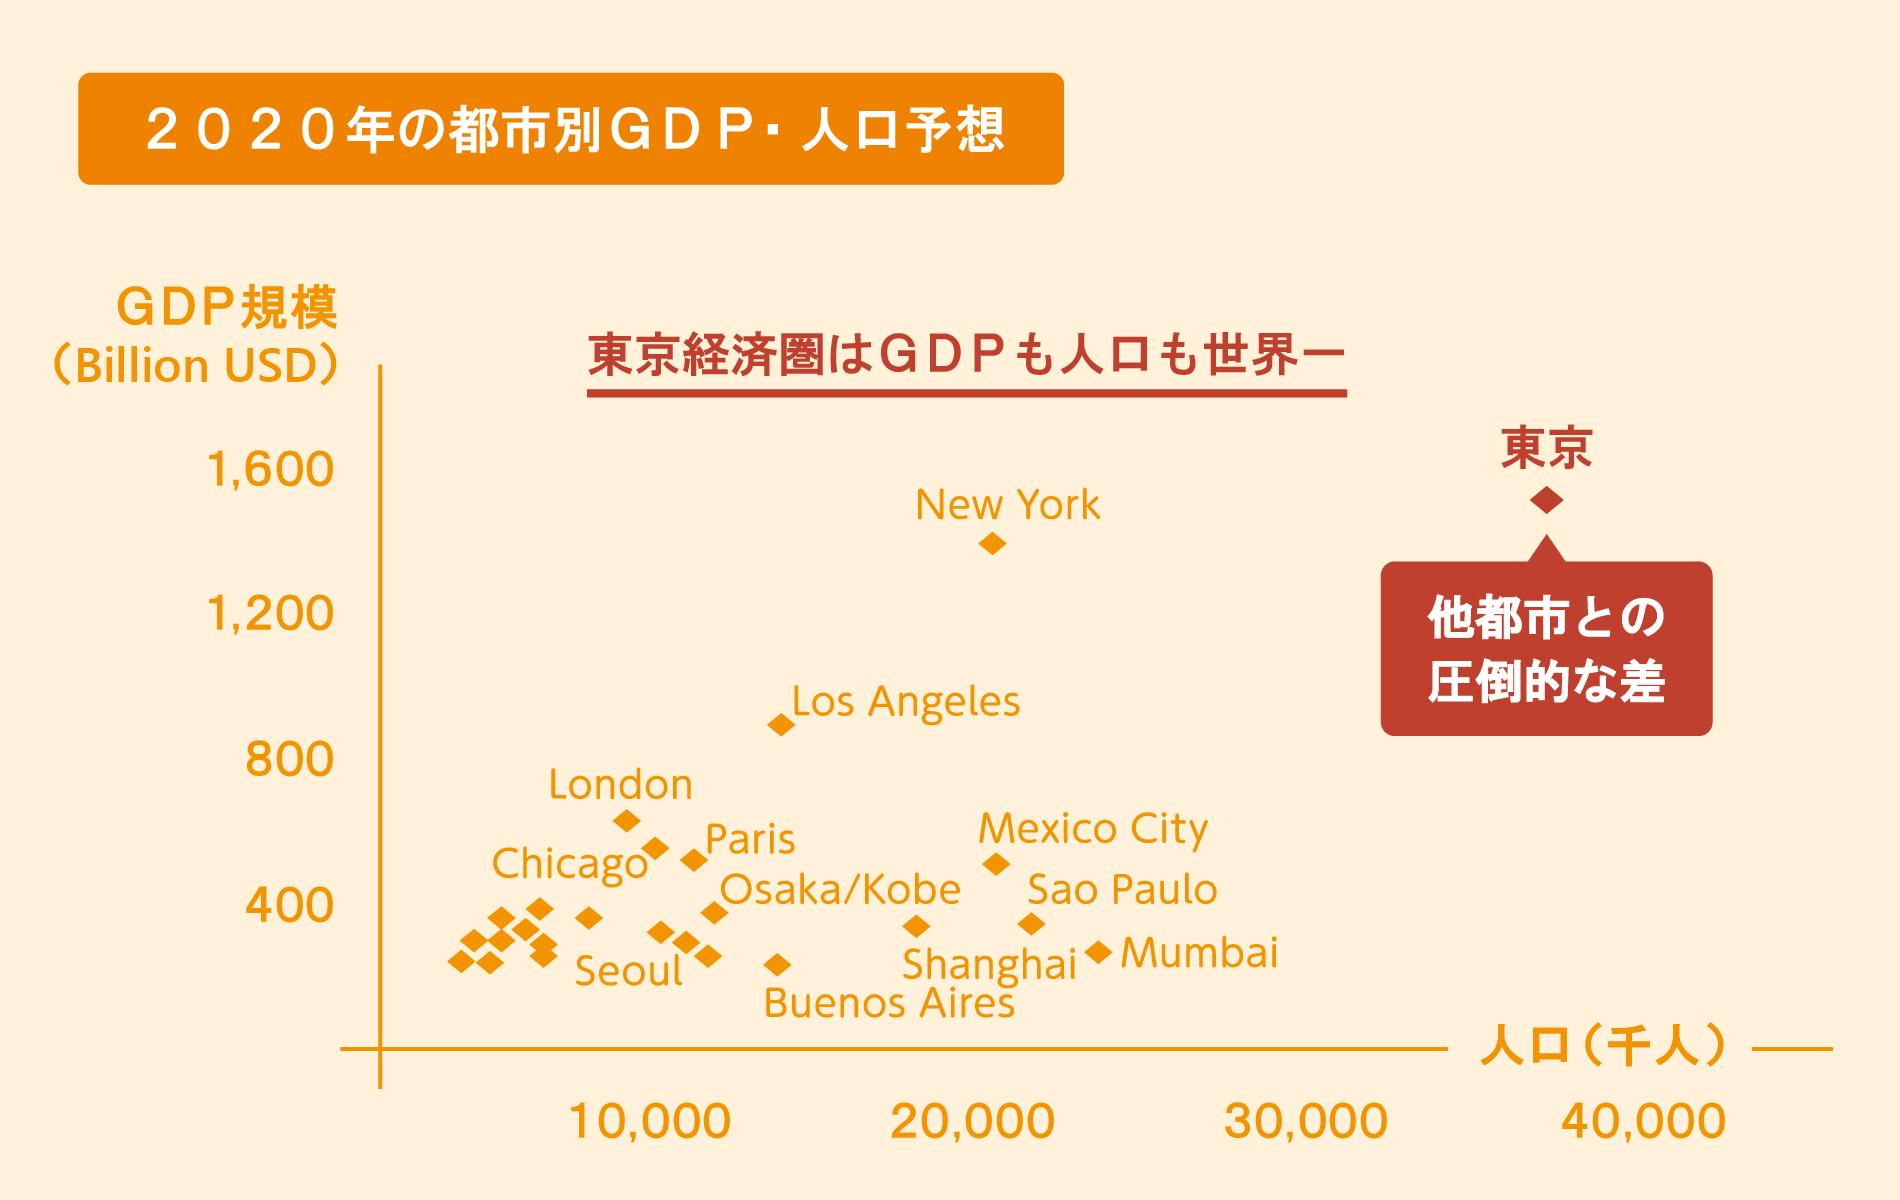 2020年の都市別GDP・人口予想の図:東京はGDP規模160兆円、人口3700万人と予想されており他都市と圧倒的な差がある。ニューヨークはGDP規模150兆円、人口2100万人|ロンドンはGDP規模70兆円、人口800万人。